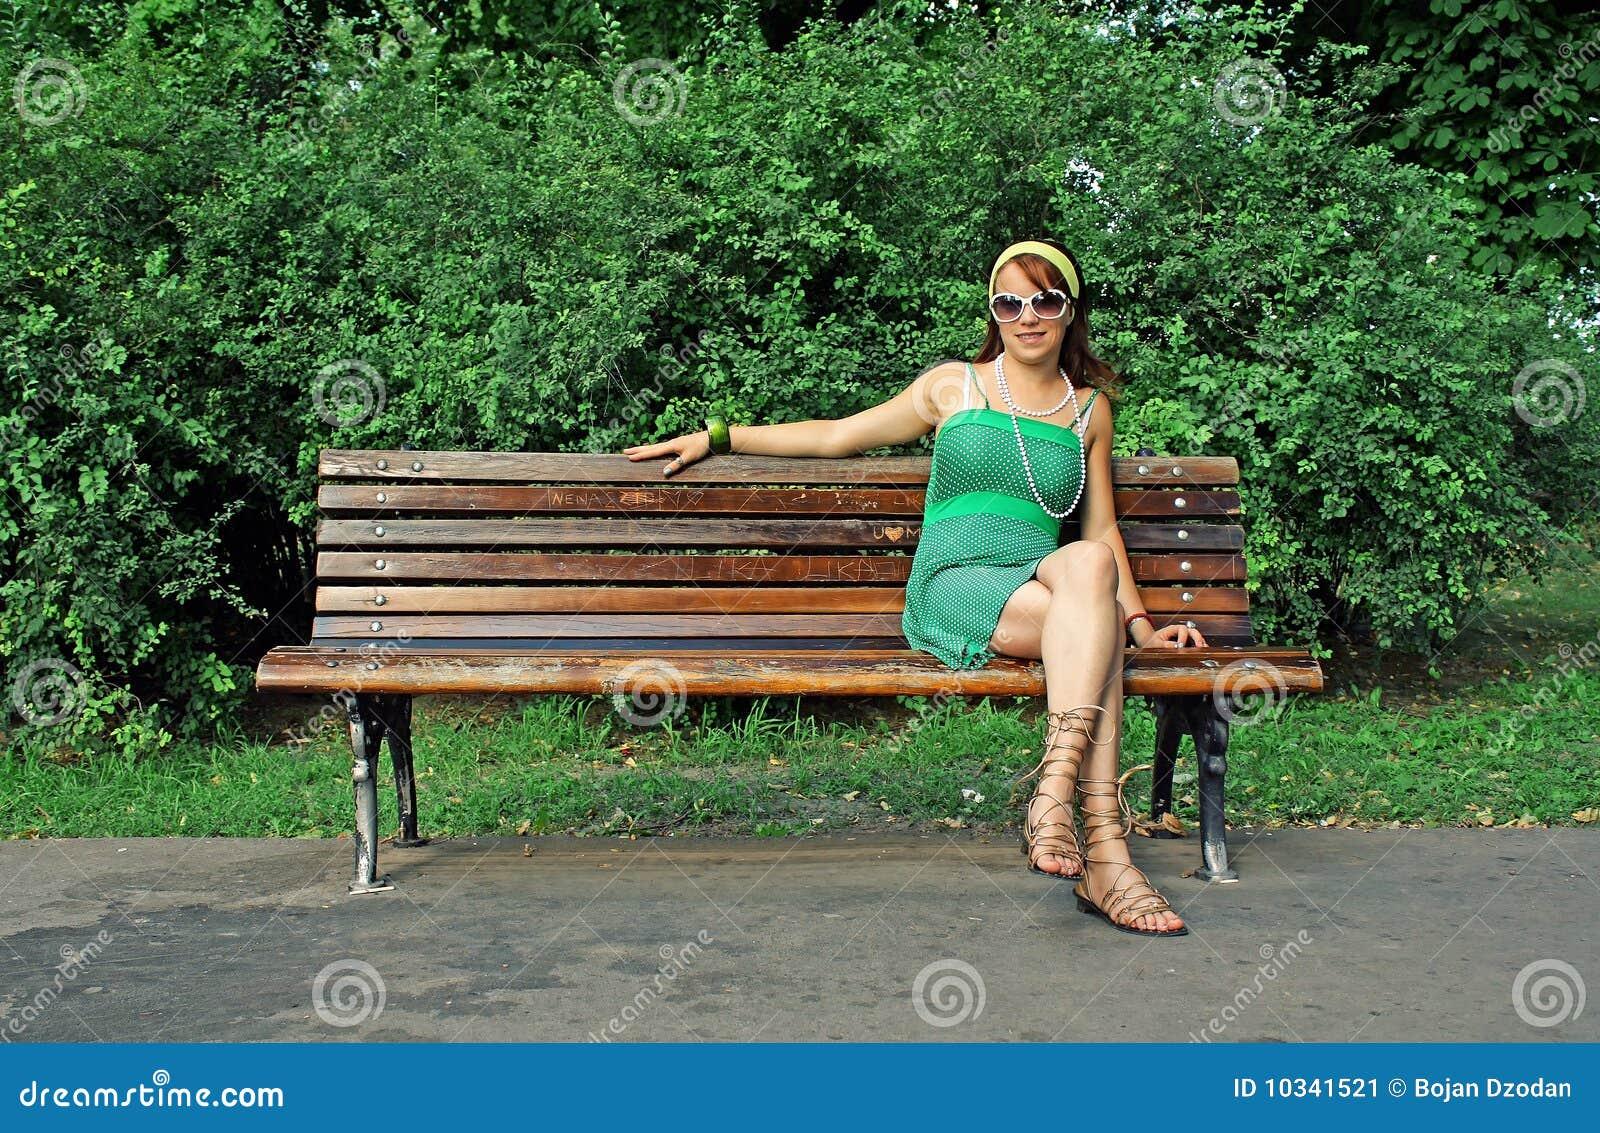 frau die alleine auf bank sitzt stockbild bild von jung aufwartung 10341521. Black Bedroom Furniture Sets. Home Design Ideas